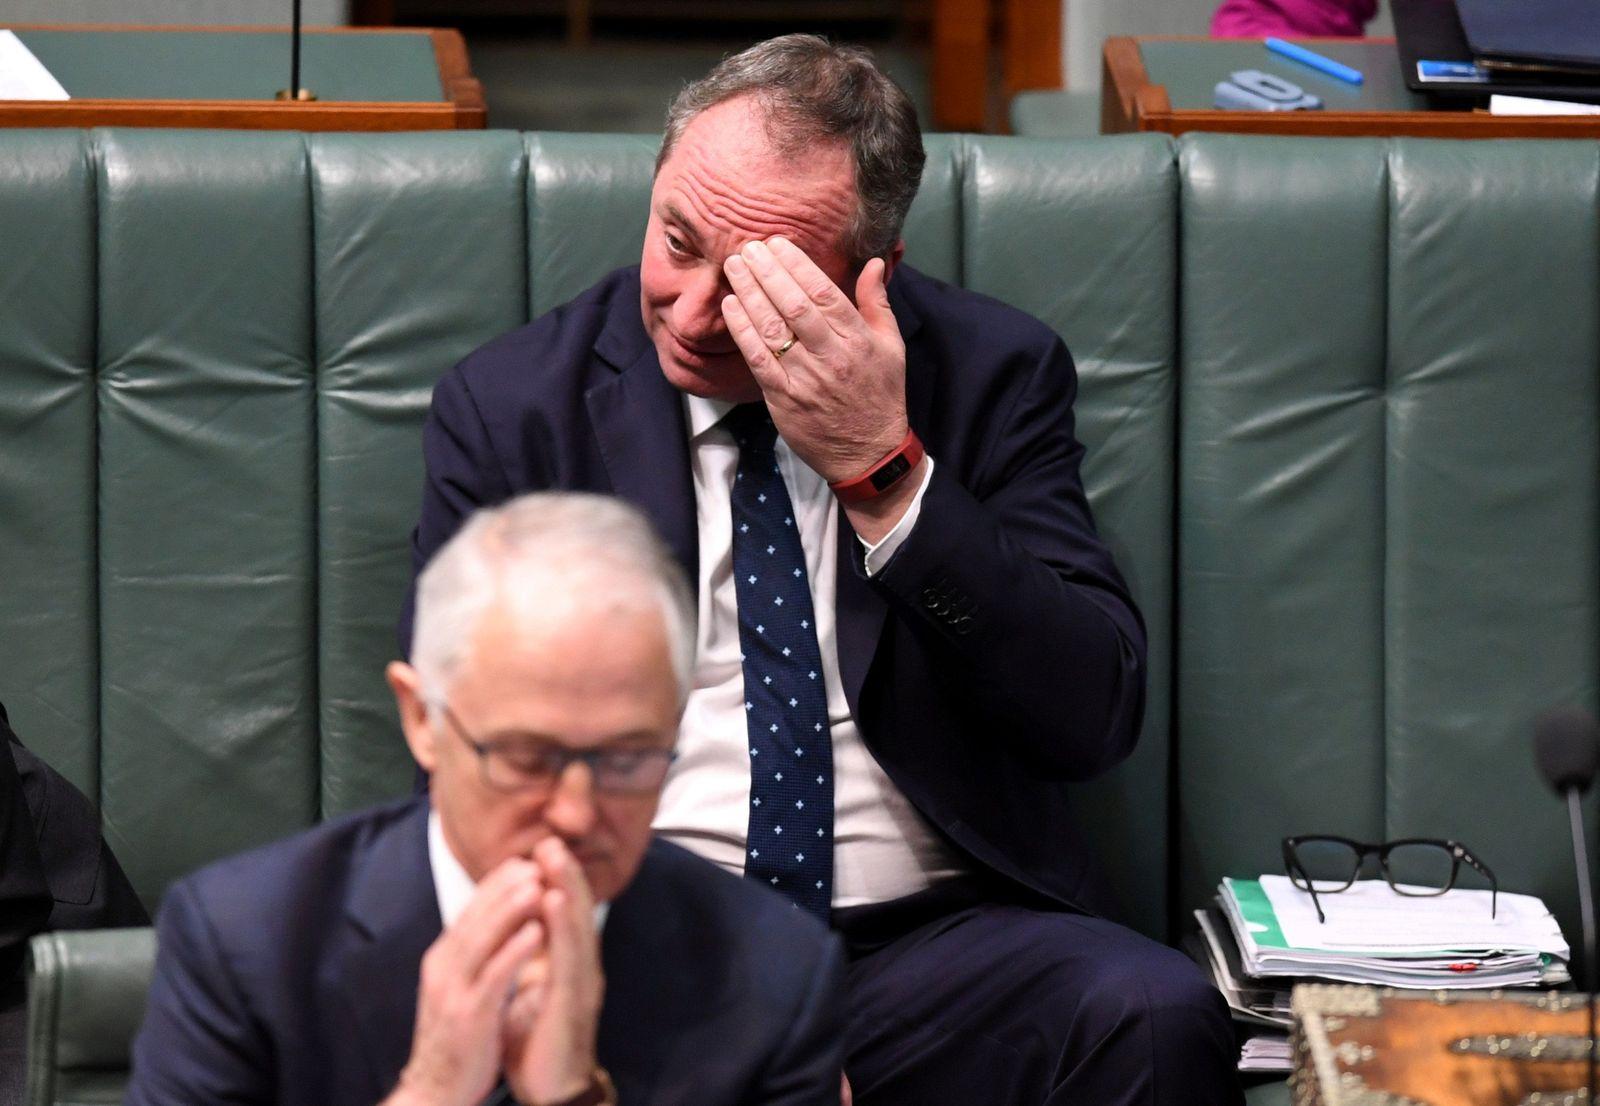 AUSTRALIA-POLITICS/